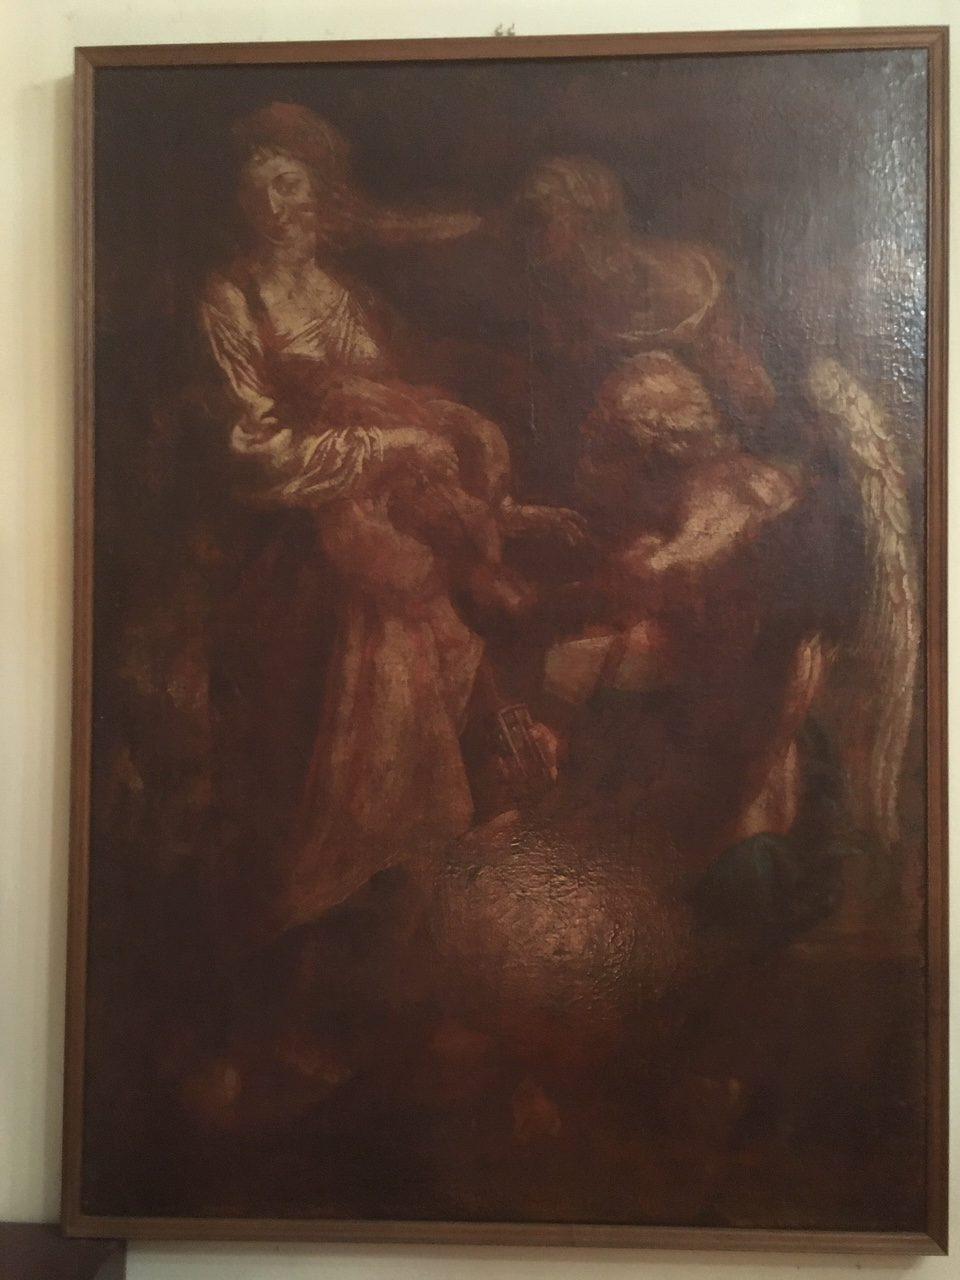 Dipinto di Pompeo Batoni fatto da un allievo